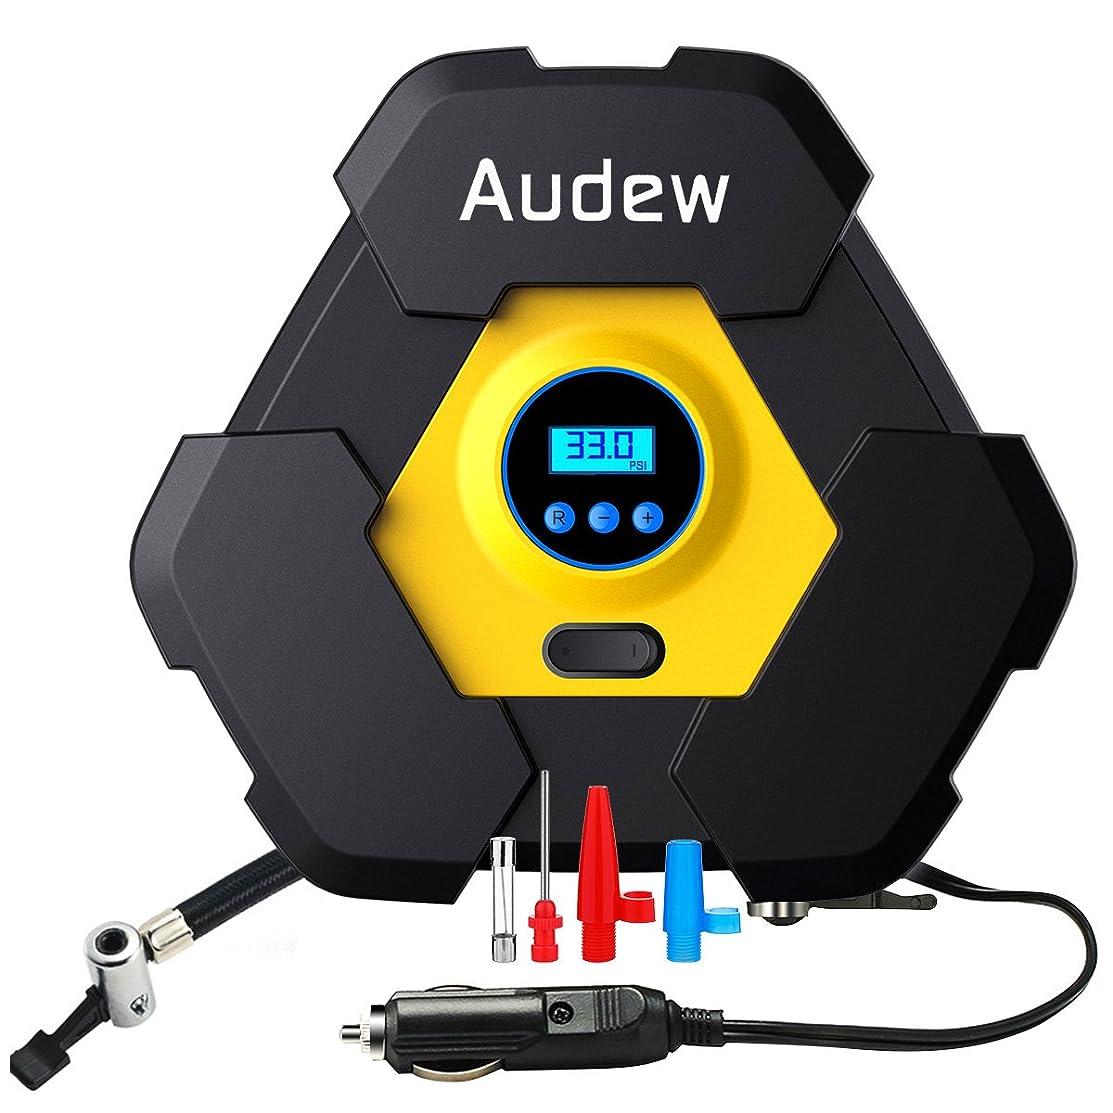 ボンド熱心篭AUDEW エアコンプレッサーコンパクト 車用空気入れ 空気圧測定 LEDライト付き シガーソケット接続式 3種類アダプターノズル付き レジャー用品